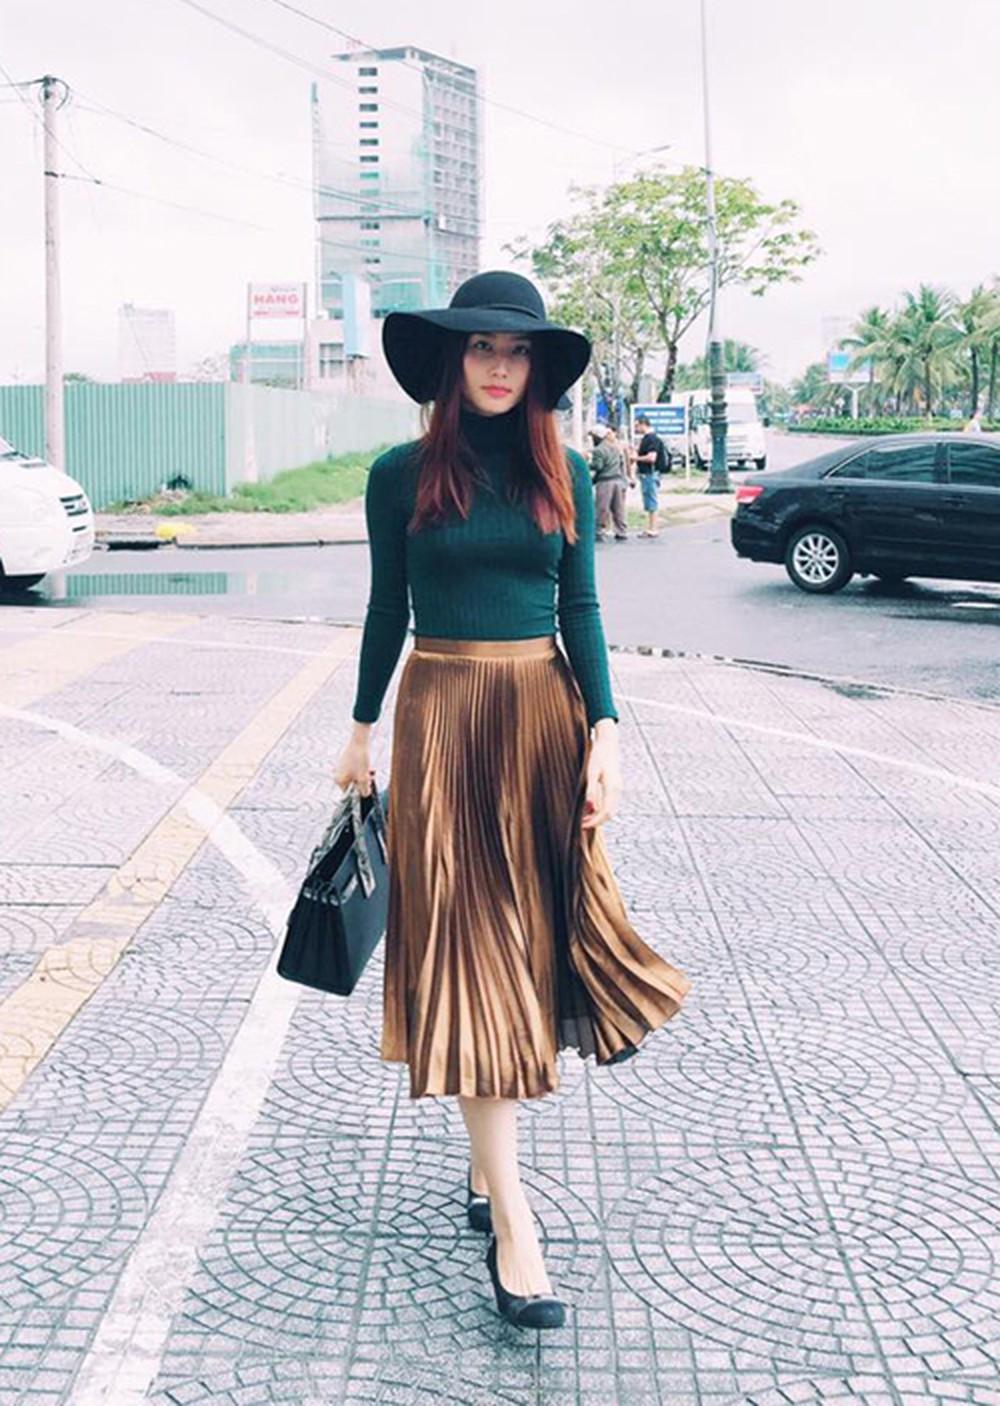 4 kiểu chân váy dài qua gối cực phù hợp để diện trong ngày Tết, vừa đẹp vừa không lo hớ hênh - Ảnh 1